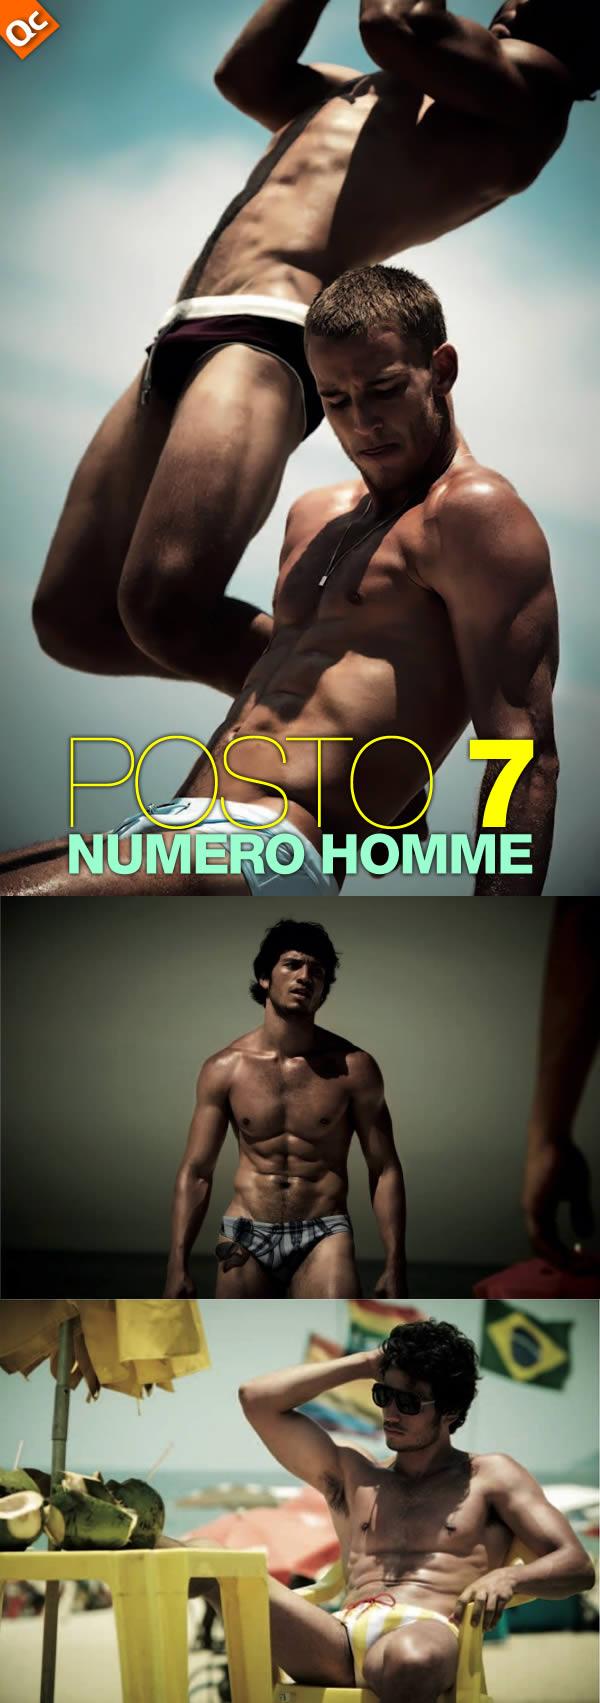 Numero Homme: Posto 7